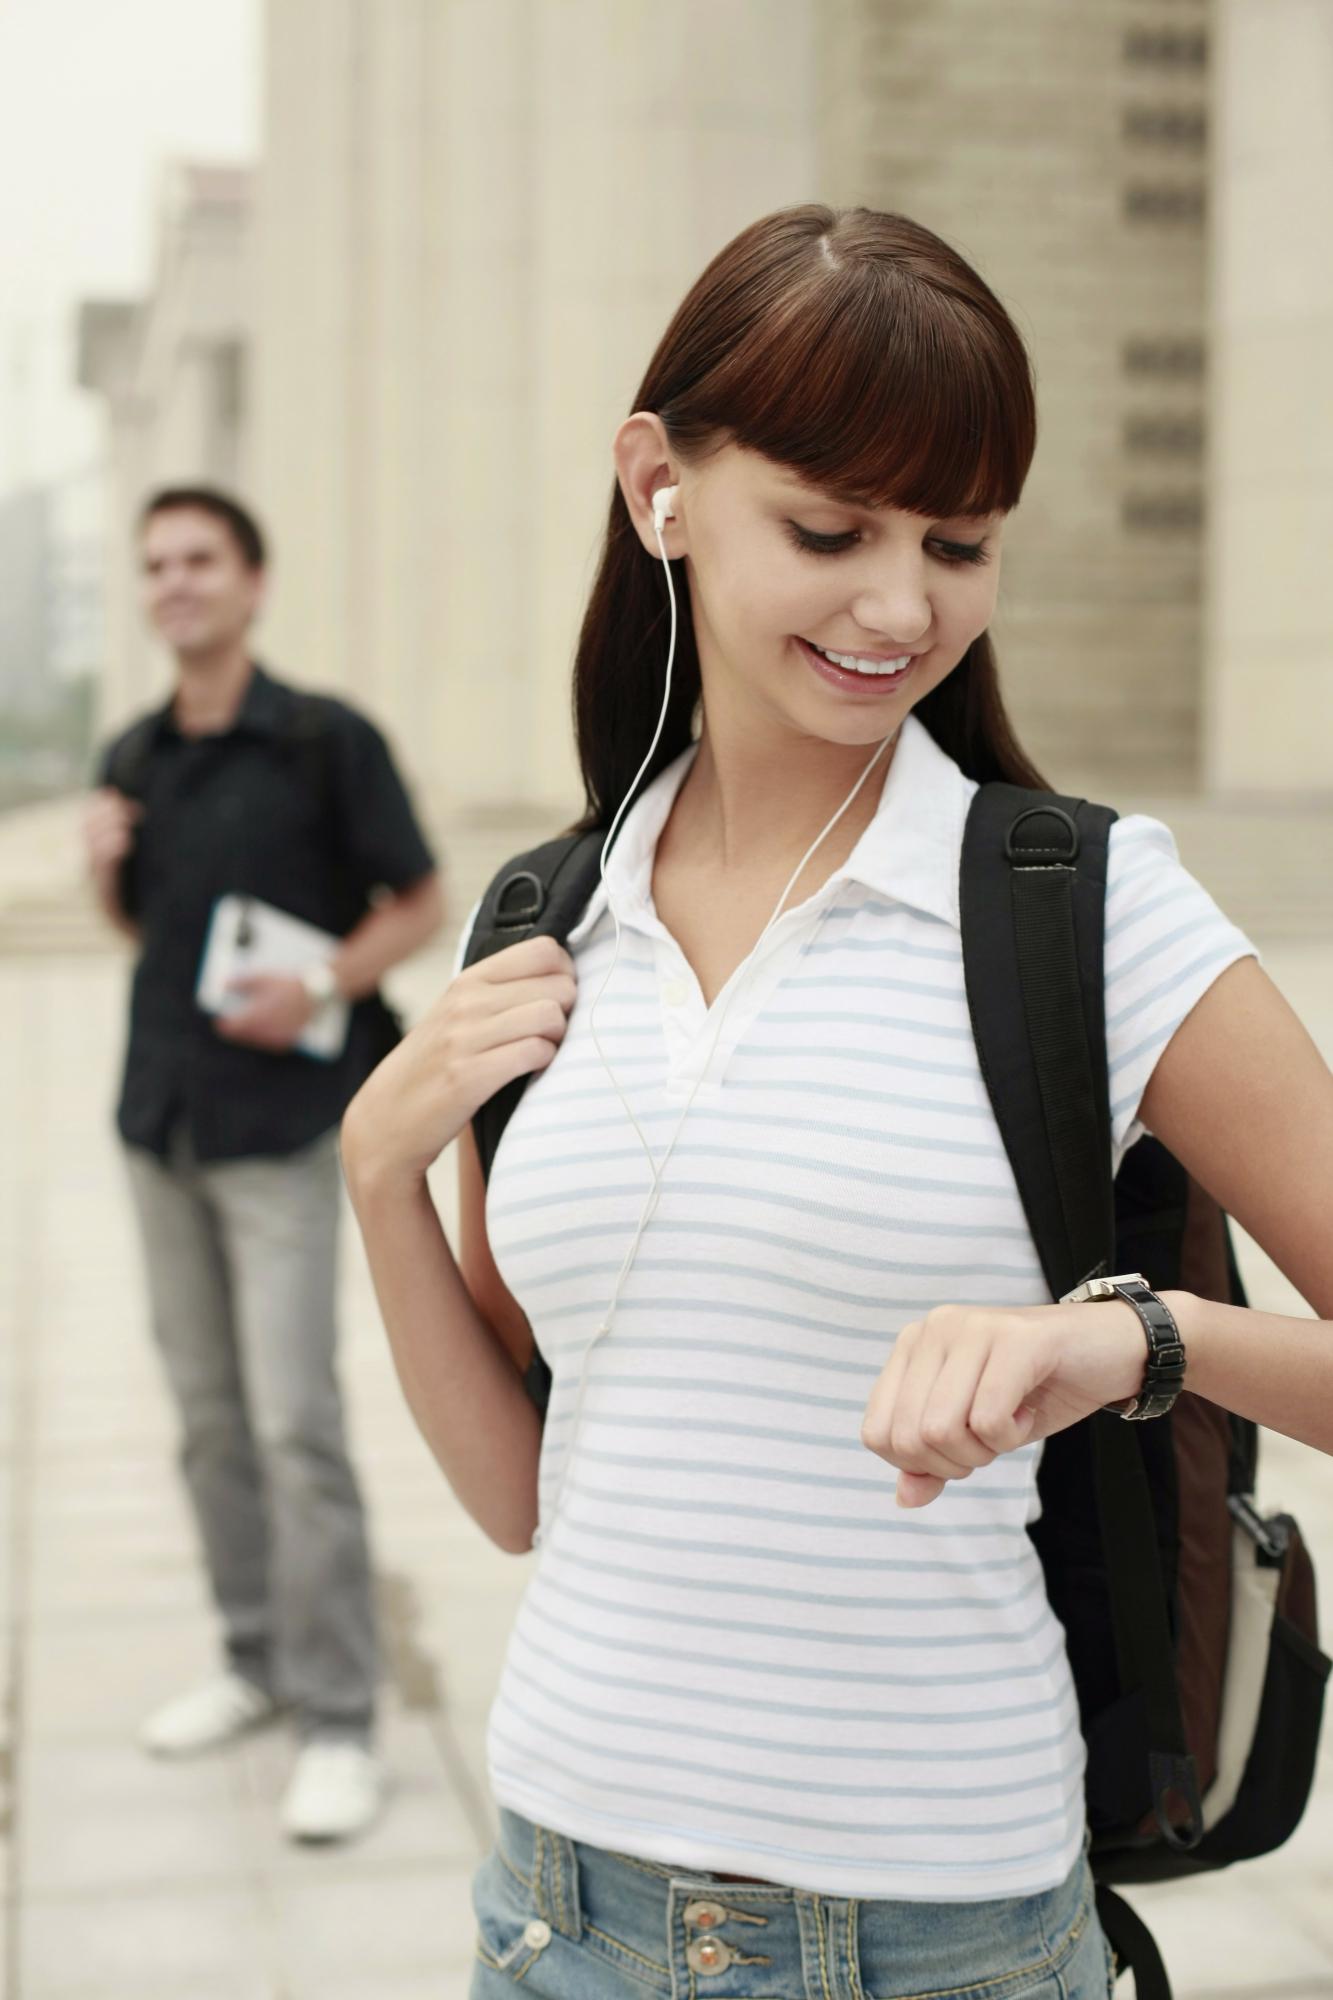 Ung kvinde tjekker klokken